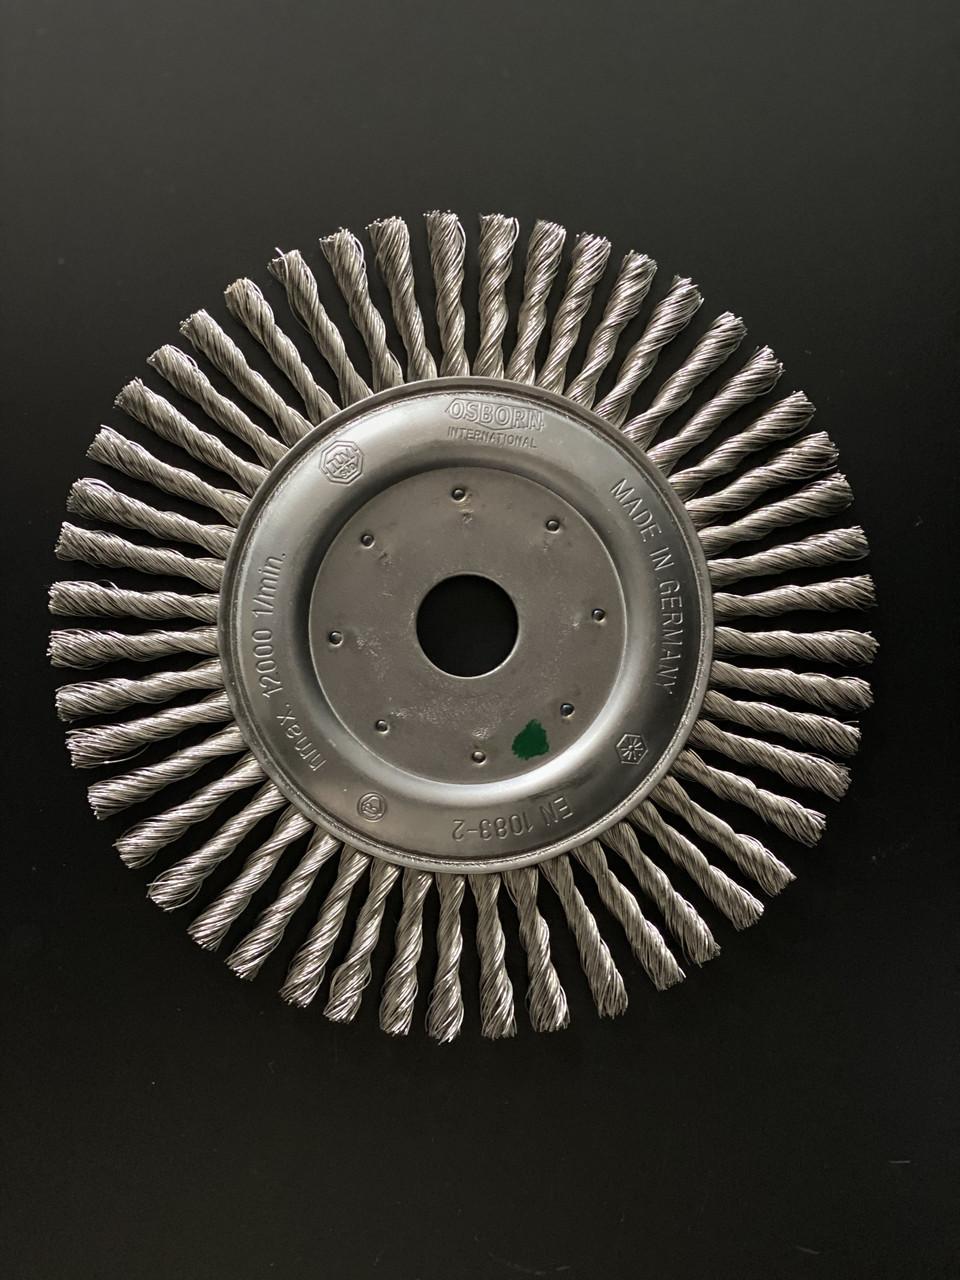 Щётка дисковая D 171 x 6 x 22,2 mm. OSBORN Жгутовая стальная проволока 0,5mm